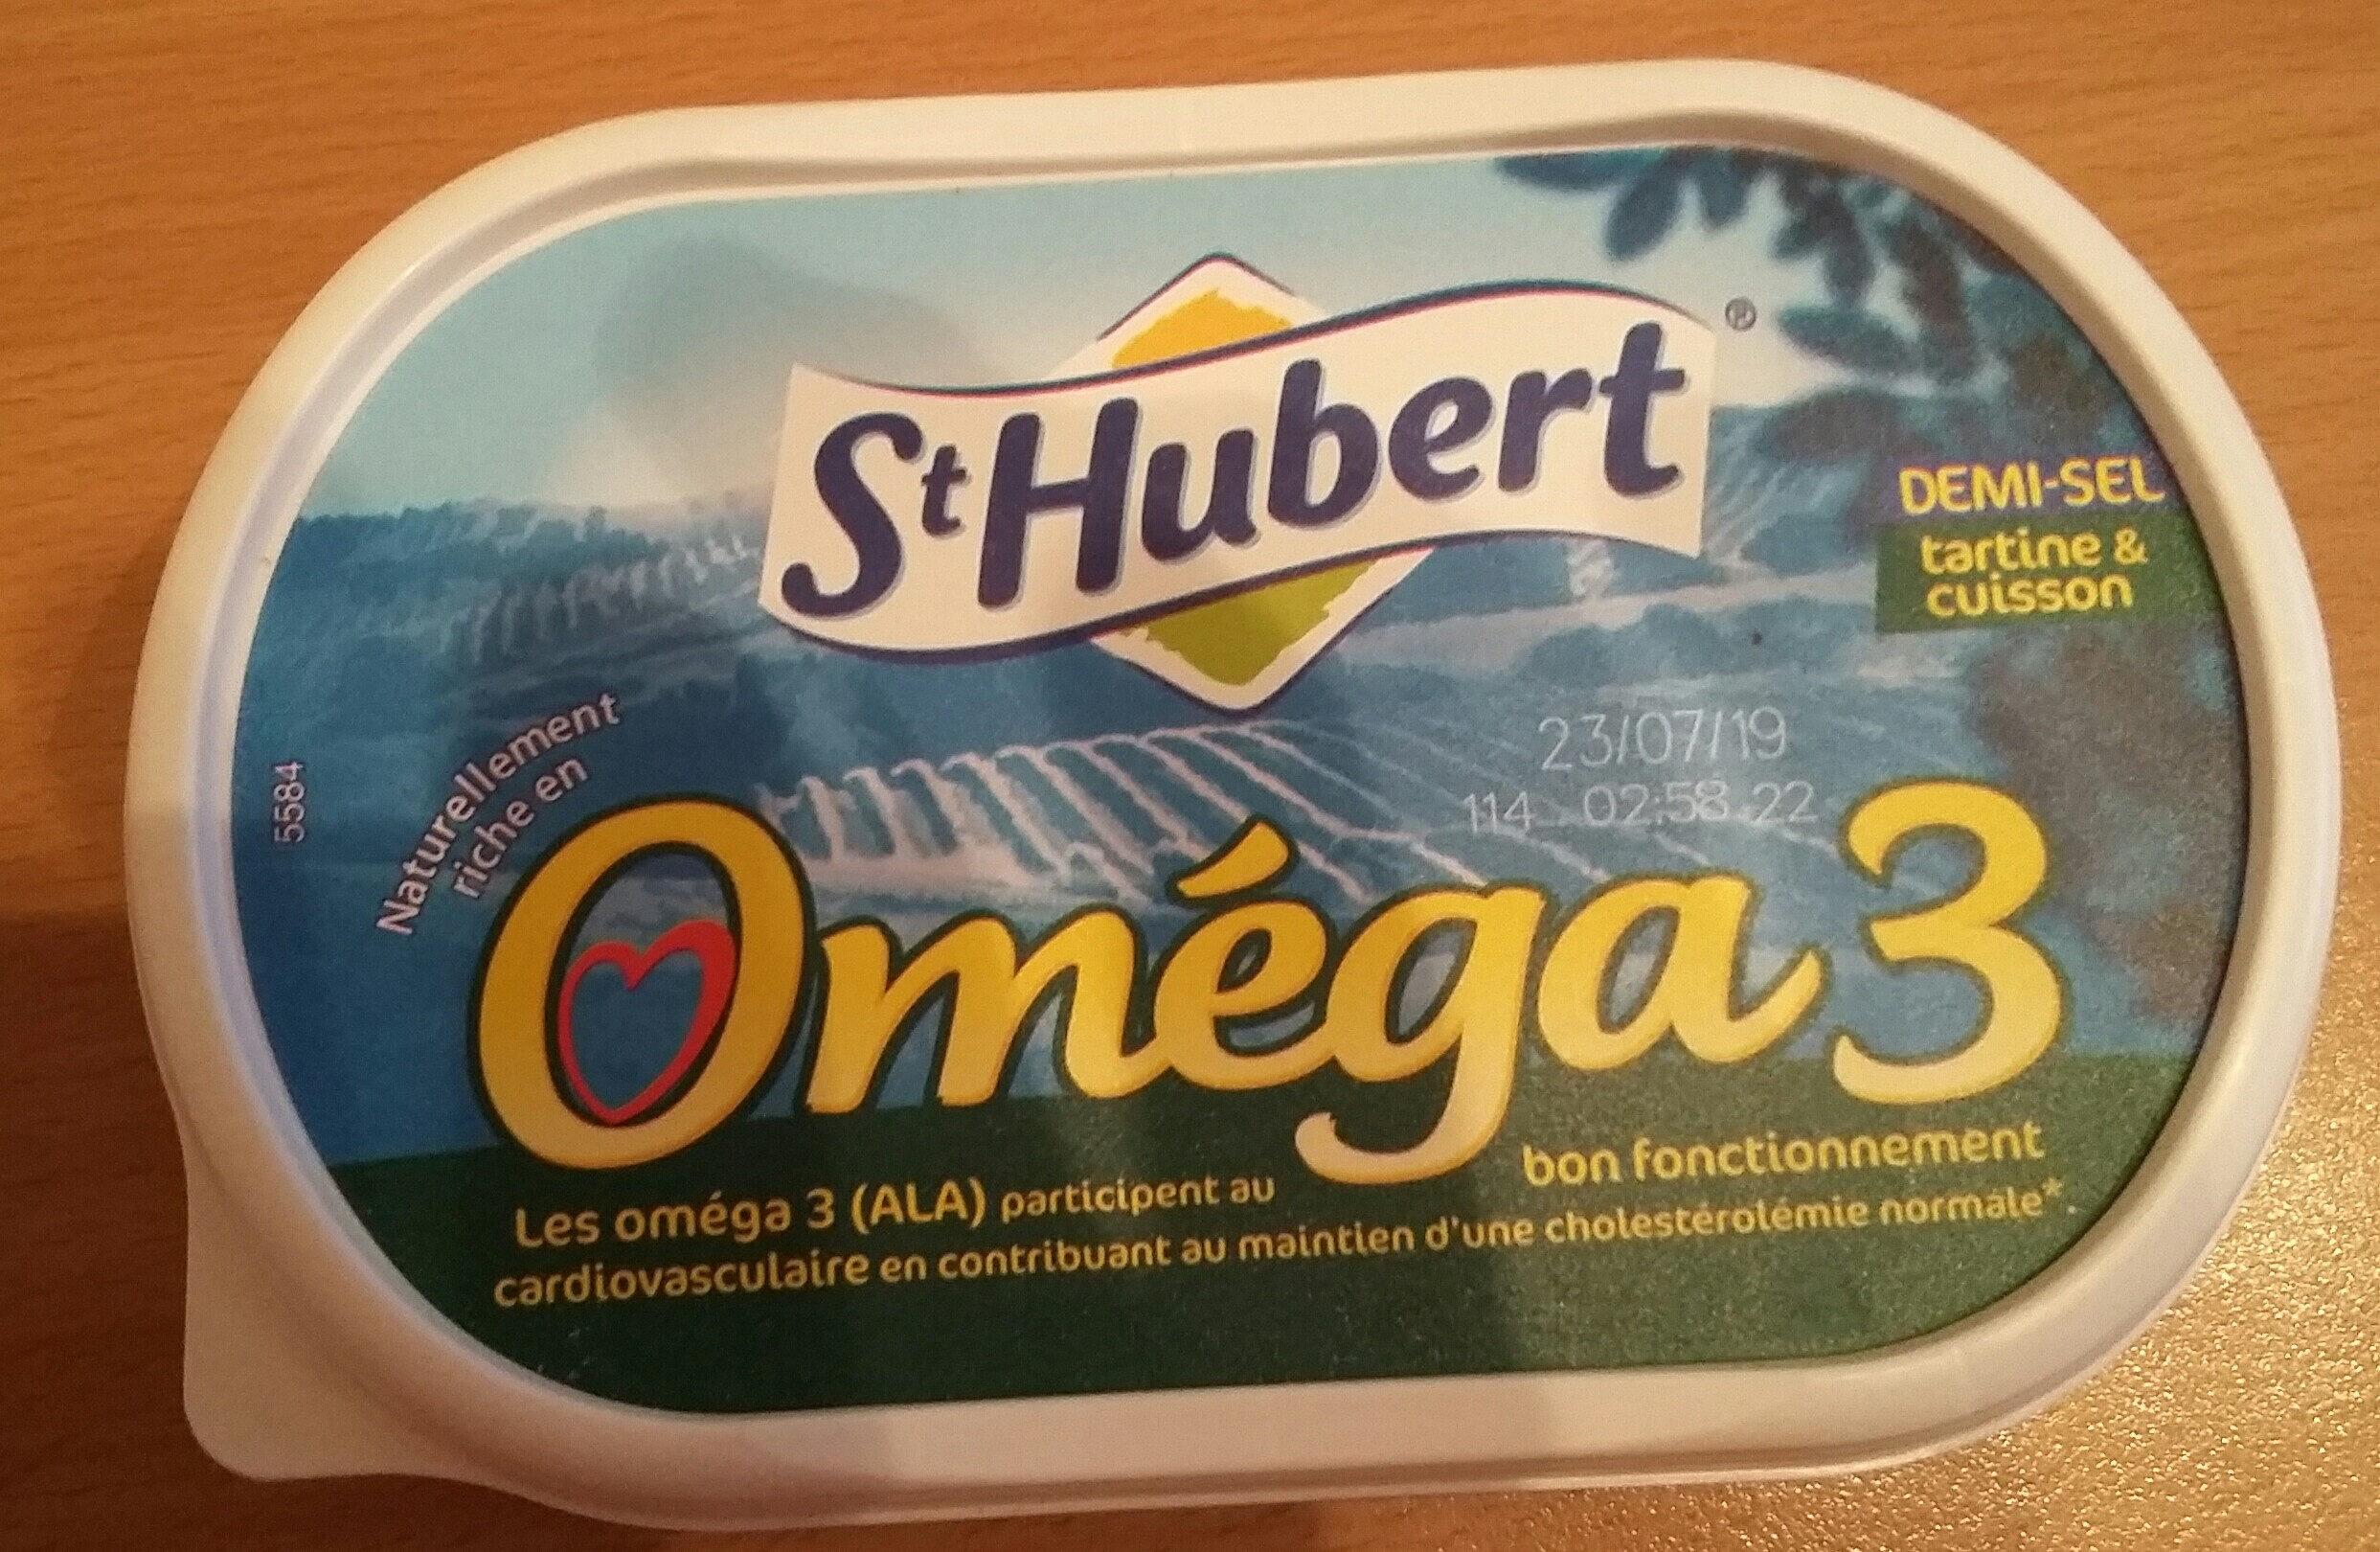 St Hubert Oméga 3 (Sel de Mer, Tartine et Cuisson), (5 - Product - fr